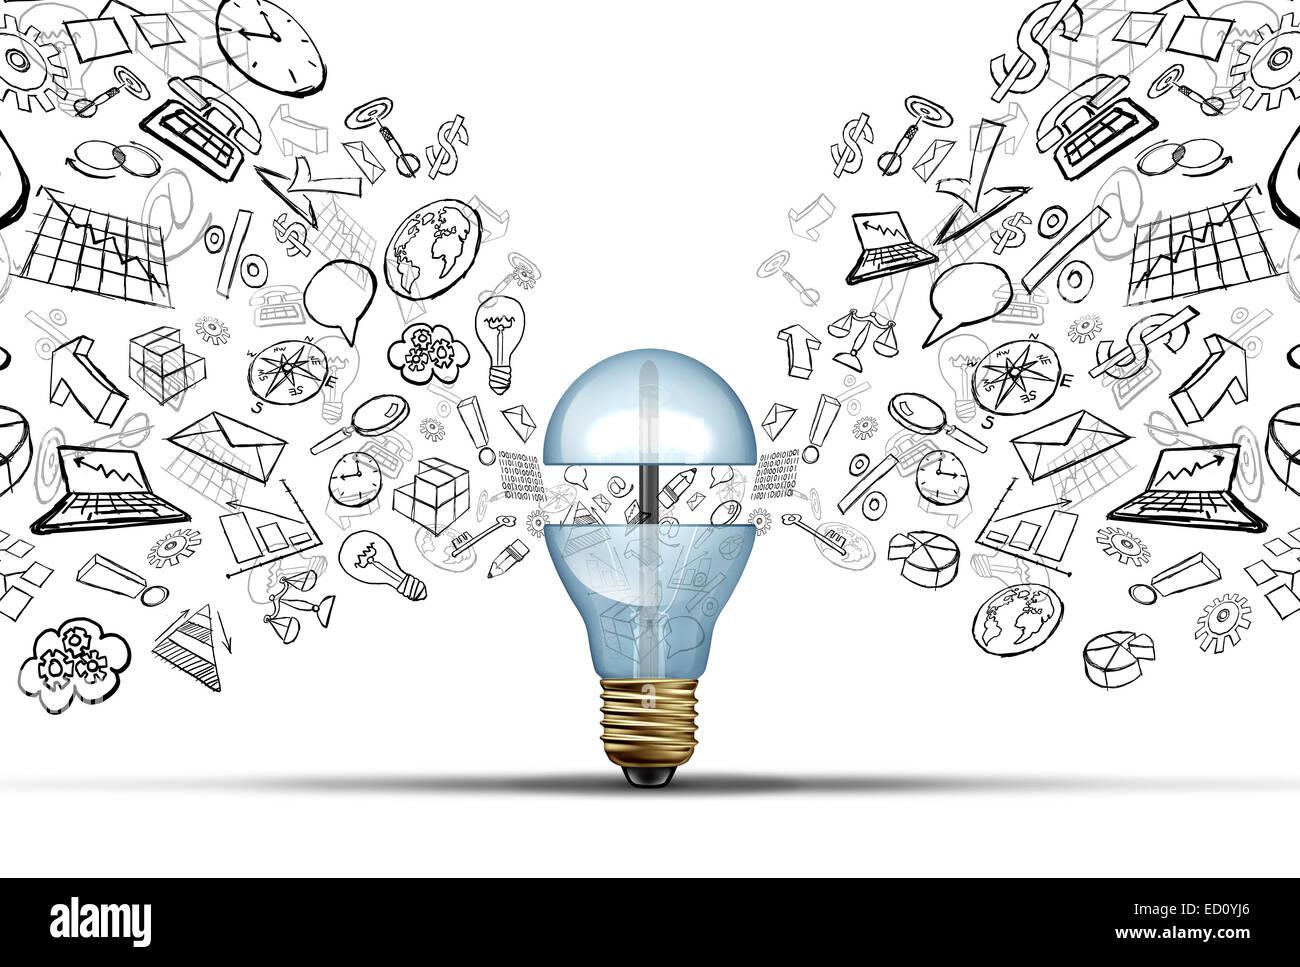 Ideas de innovación empresarial concepto como una bombilla con open office y financieros iconos que se libera Imagen De Stock